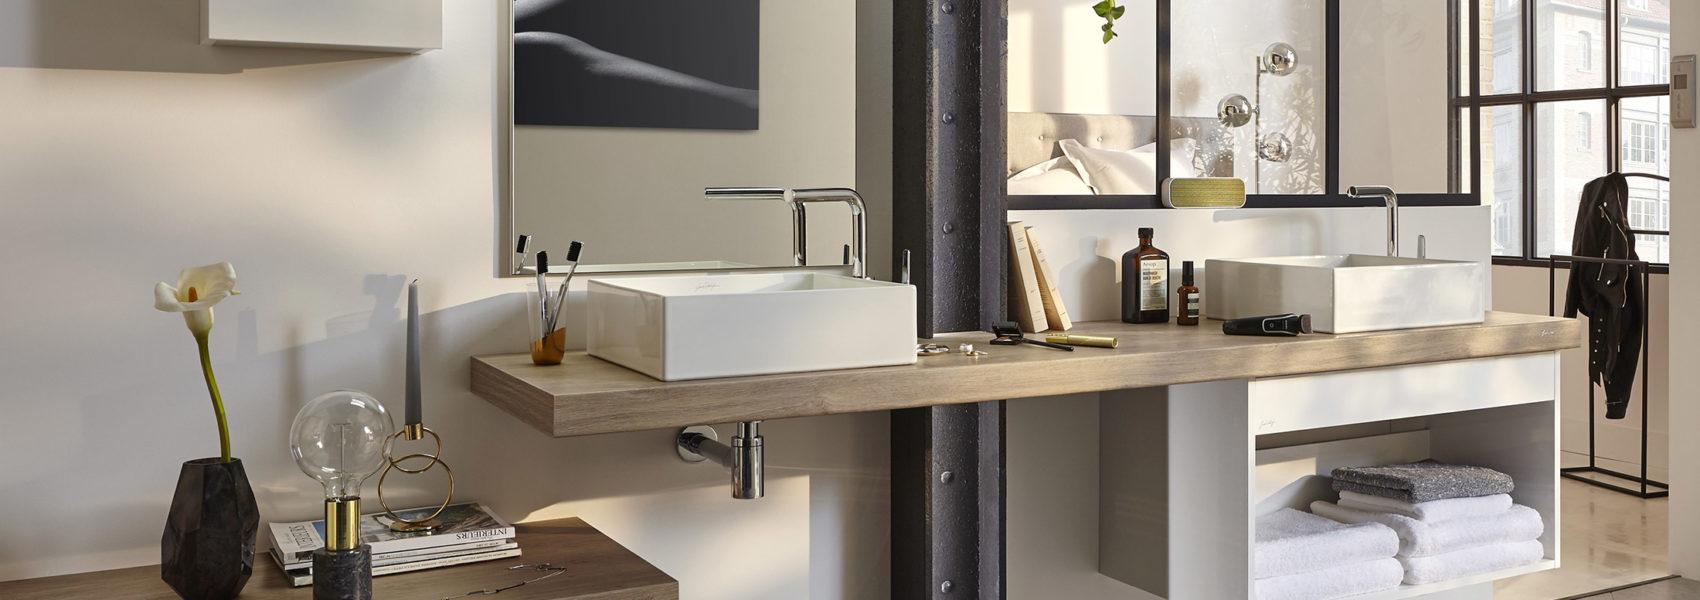 salle bain installation